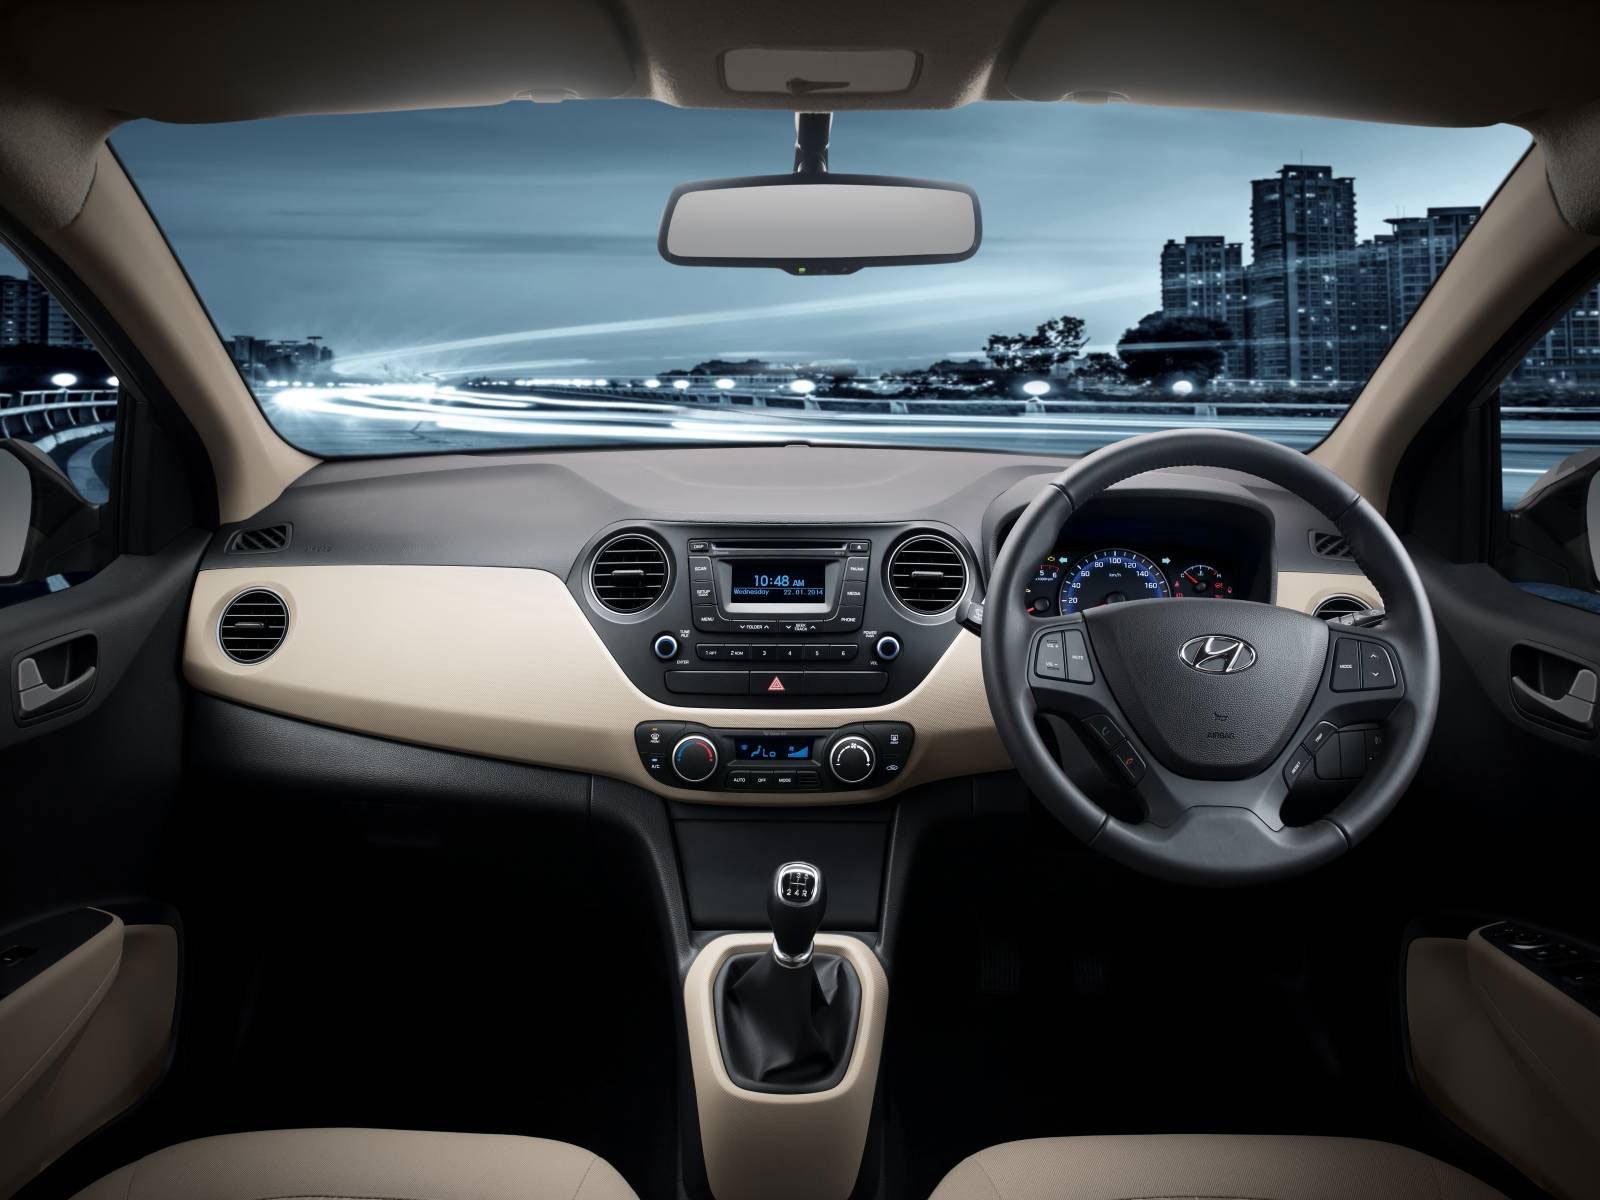 Hyundai Xcent Grand I10 Sedan Debuts In India Image 226292